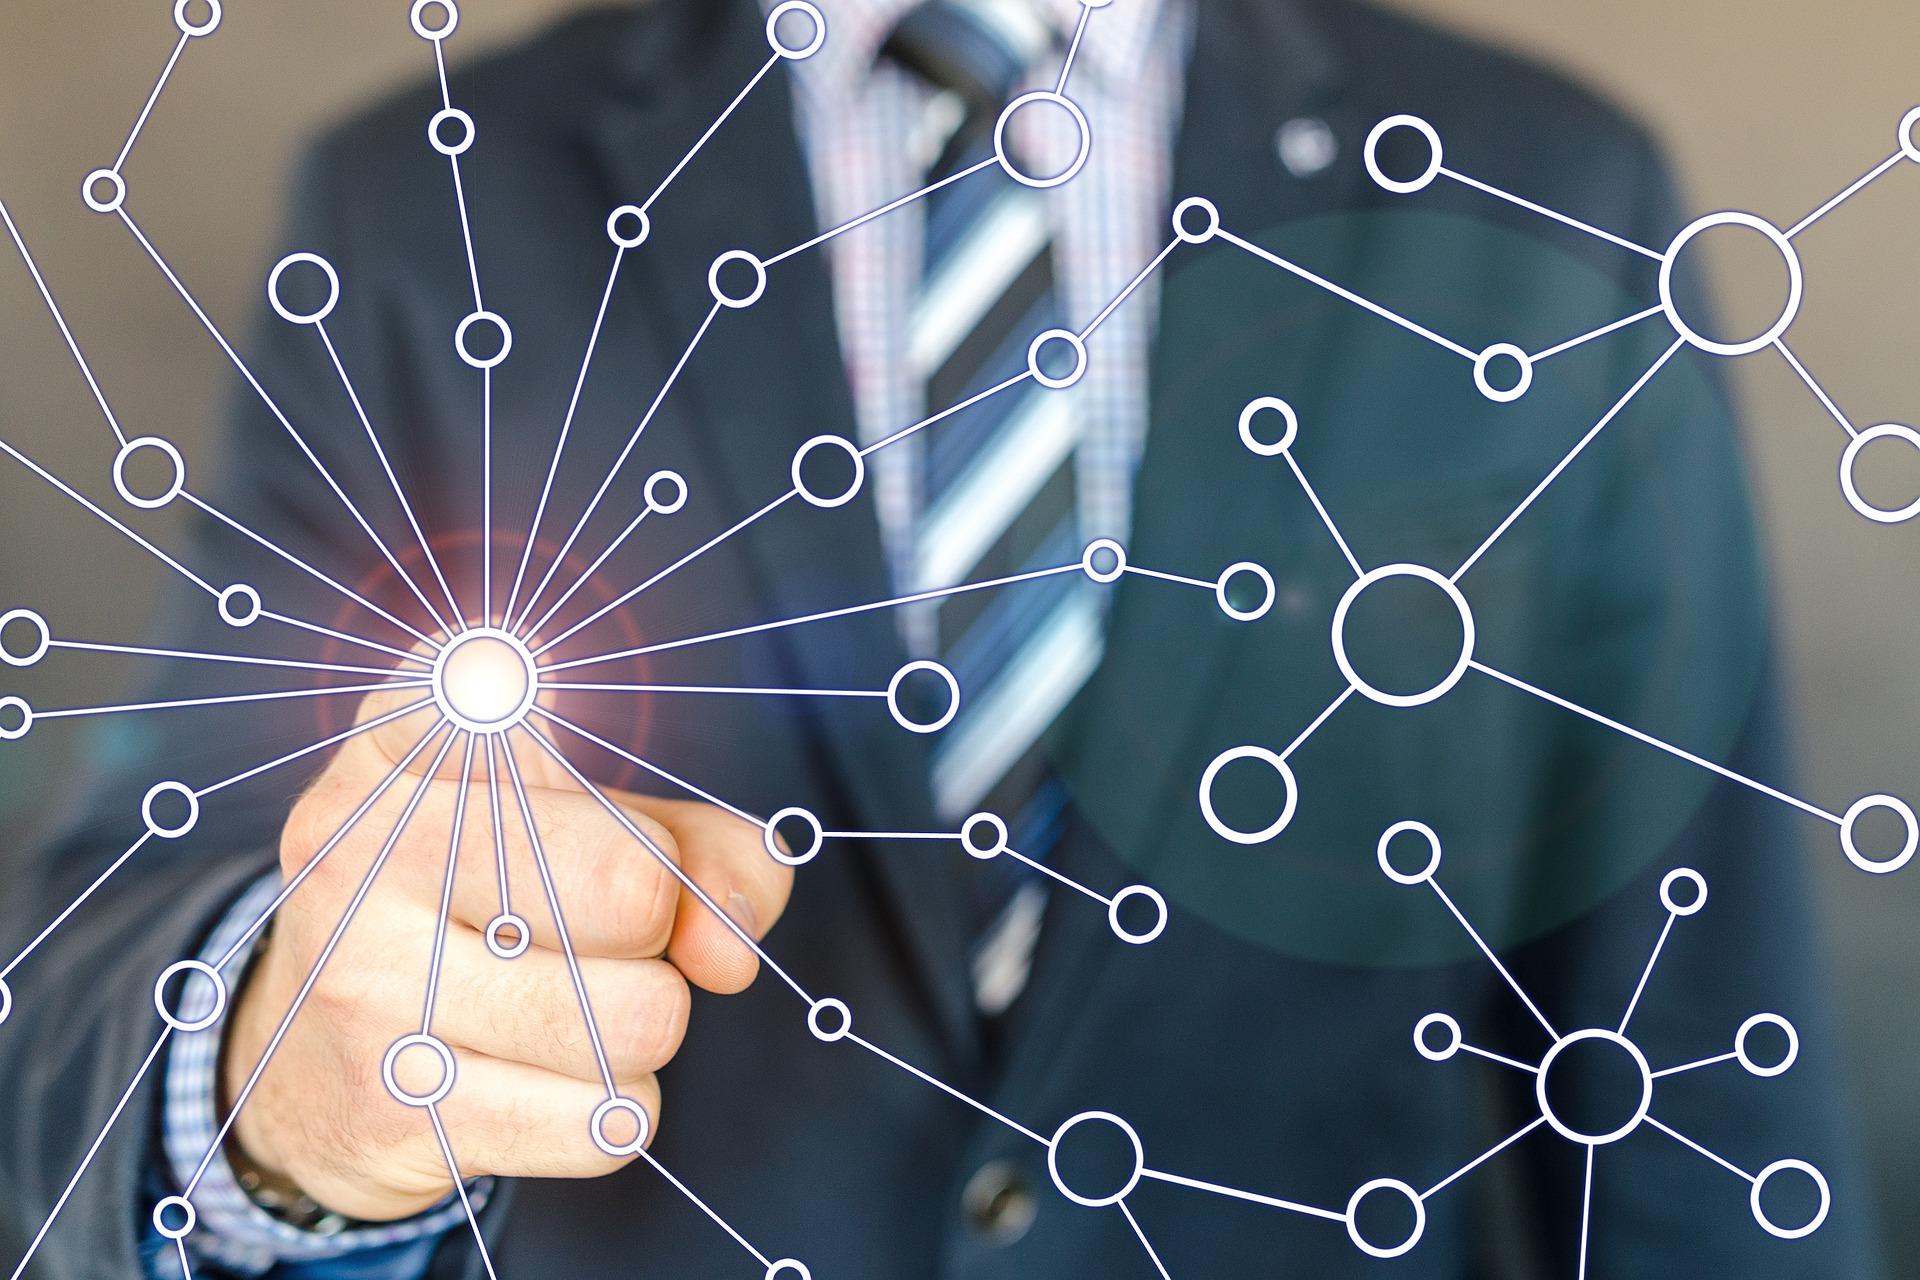 ネットワークビジネスとねずみ講の違い | ネット …